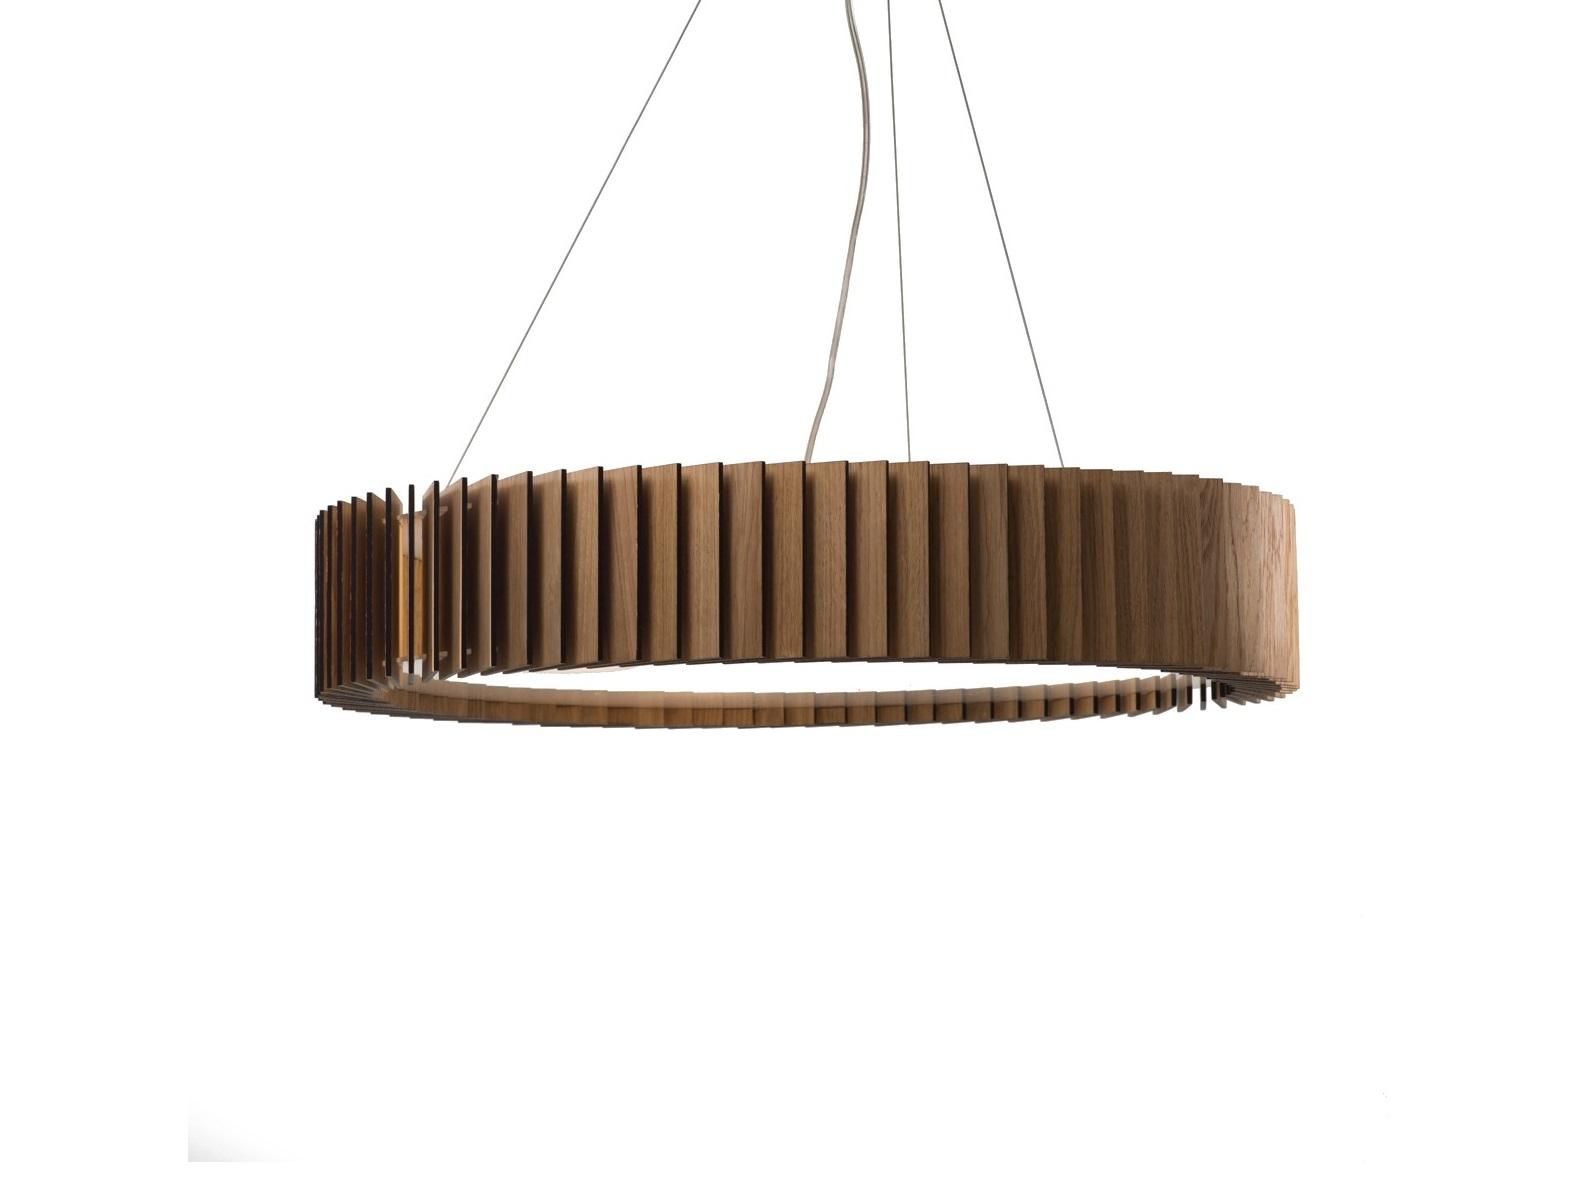 Светильник РоторПодвесные светильники<br>Ротор представляют собой люстру, основание которой изготовлено из акрилового матового стекла, деревянные пластины выполнены из шпона дуба и покрыты защитными маслами и воском. Светильник оснащён 4 патронами для светодиодных лампочек, что обеспечит яркий поток света для всего помещения. Свет проходит через деревянные лопасти, направленные под углом, и рождает впечатляющие узоры на стенах.&amp;amp;nbsp;&amp;lt;div&amp;gt;&amp;lt;br&amp;gt;&amp;lt;/div&amp;gt;&amp;lt;div&amp;gt;&amp;lt;div&amp;gt;Вид цоколя: E27&amp;lt;/div&amp;gt;&amp;lt;div&amp;gt;Мощность: &amp;amp;nbsp;9W&amp;amp;nbsp;&amp;lt;/div&amp;gt;&amp;lt;div&amp;gt;Количество ламп: 4 (нет в комплекте)&amp;lt;/div&amp;gt;&amp;lt;/div&amp;gt;&amp;lt;div&amp;gt;Внимание! Допускается использование только светодиодных или энергосберегающих ламп мощностью не более 9 Вт. Гарантия на светильник 12 месяцев.&amp;lt;/div&amp;gt;<br><br>Material: Стекло<br>Height см: 12<br>Diameter см: 66